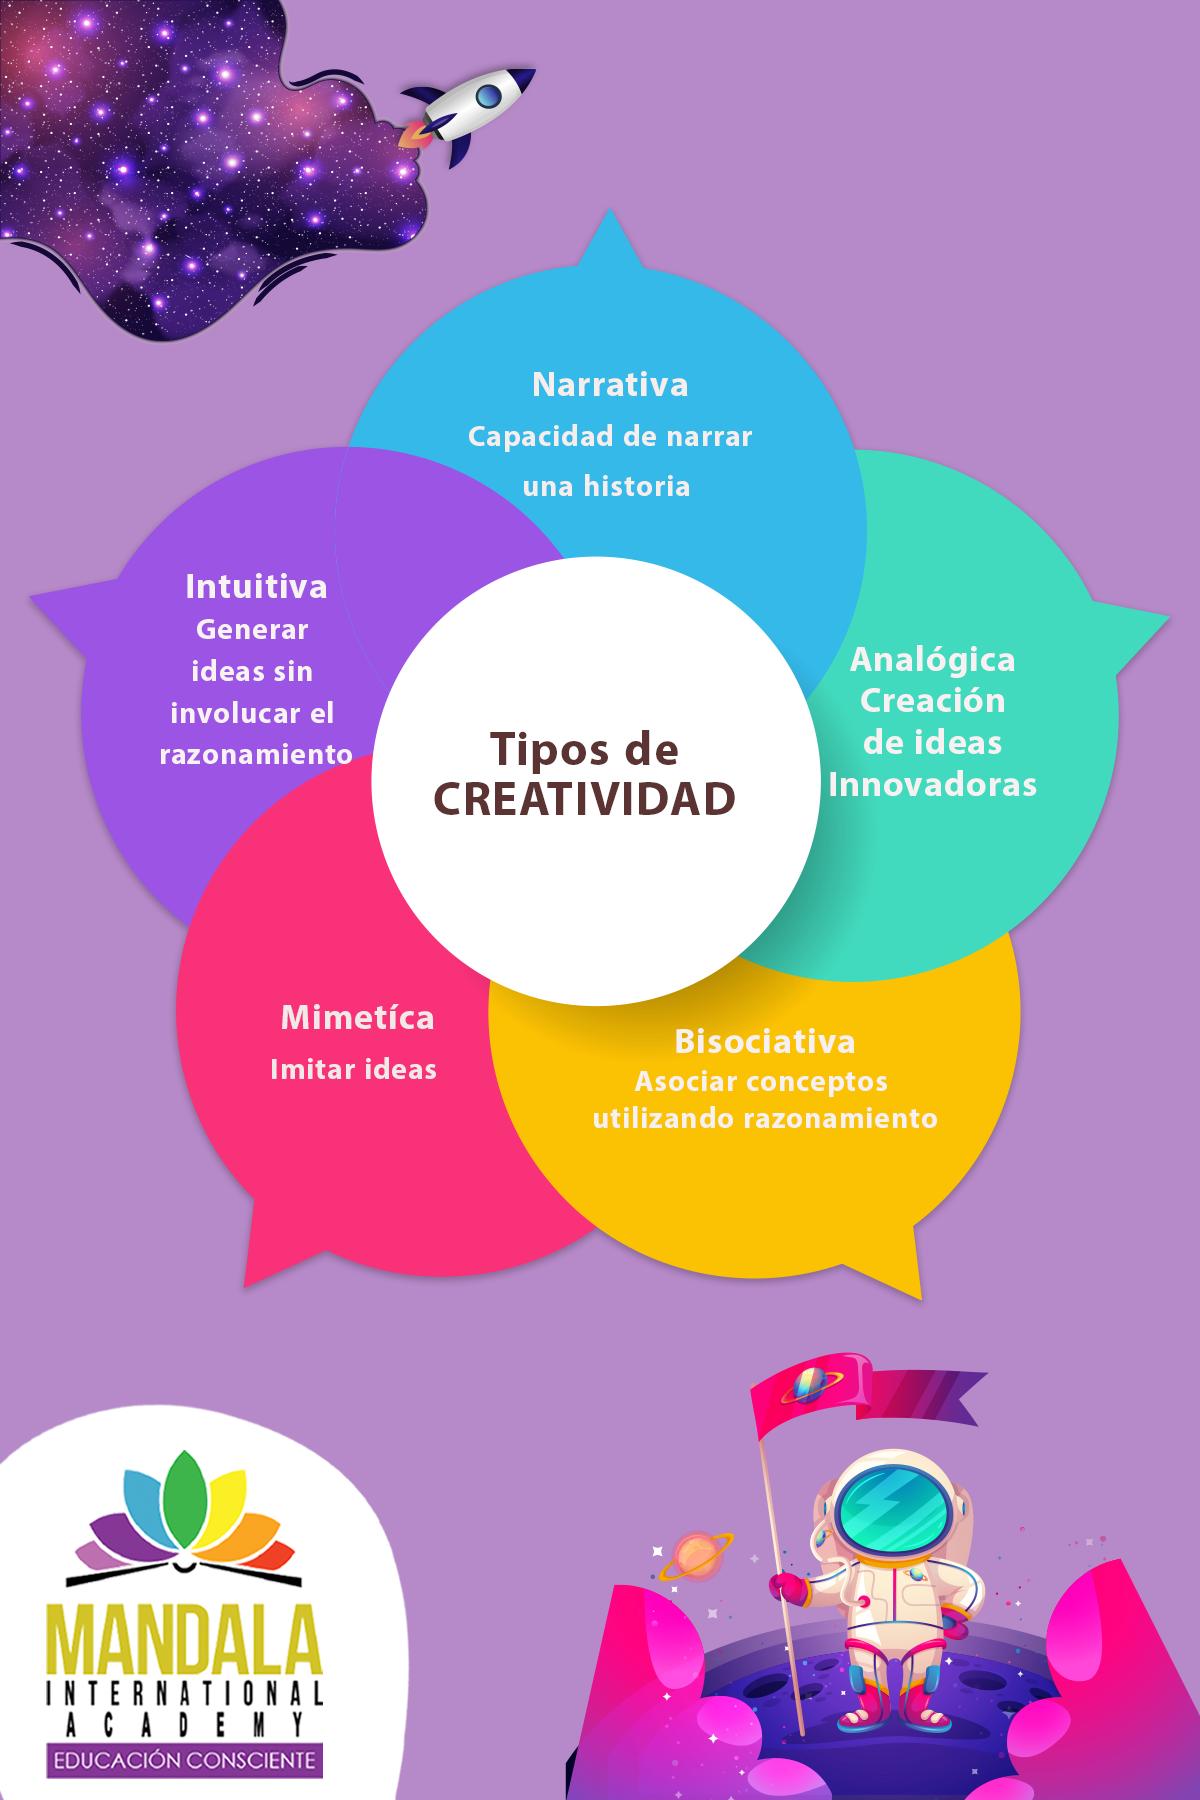 Conoces Los Tipos De Creatividad Tipos De Creatividad Creatividad Productos Innovadores